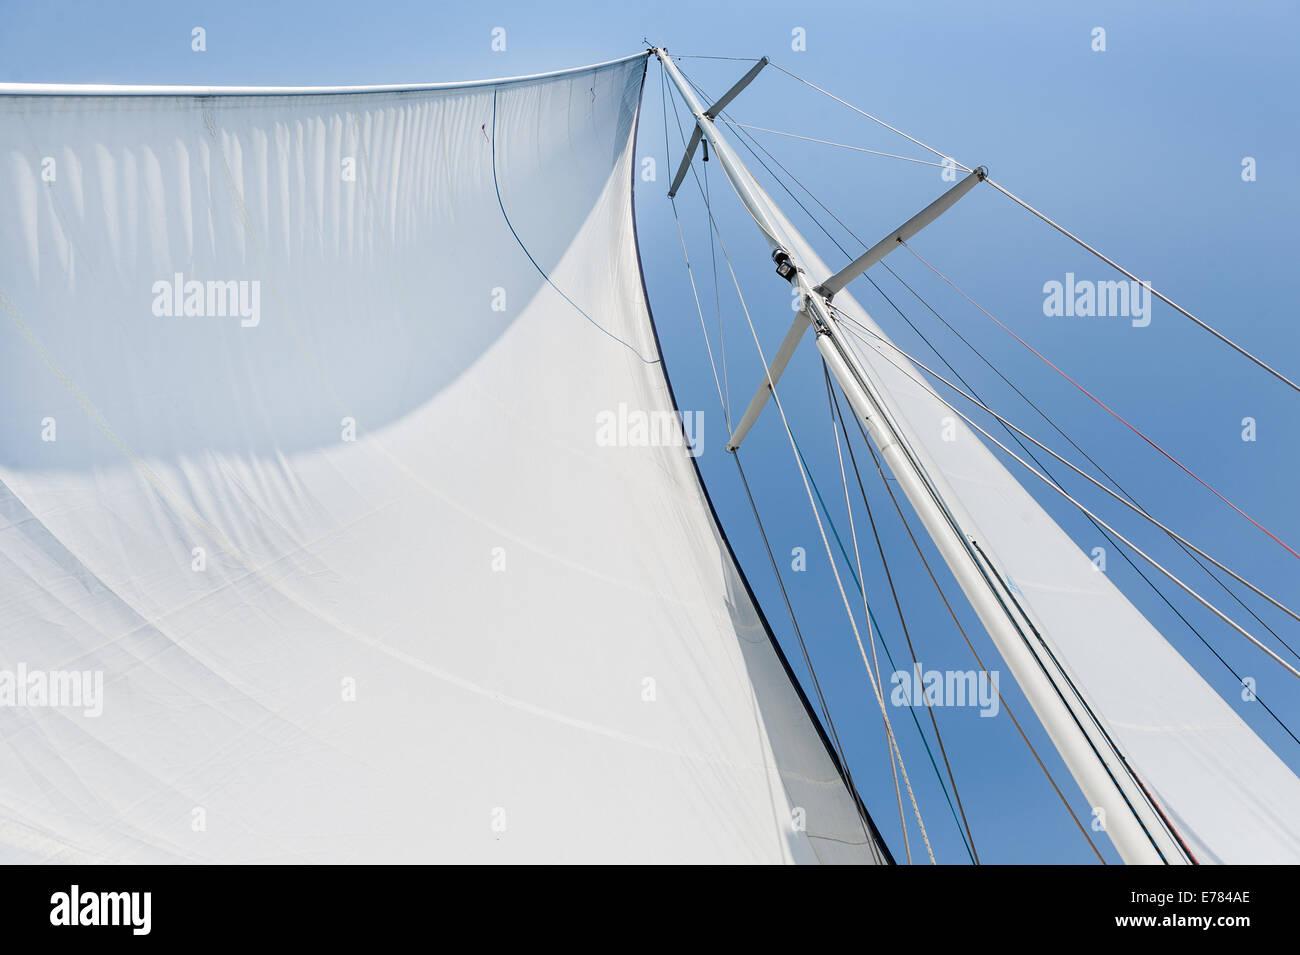 Big white sail hoisted - Stock Image